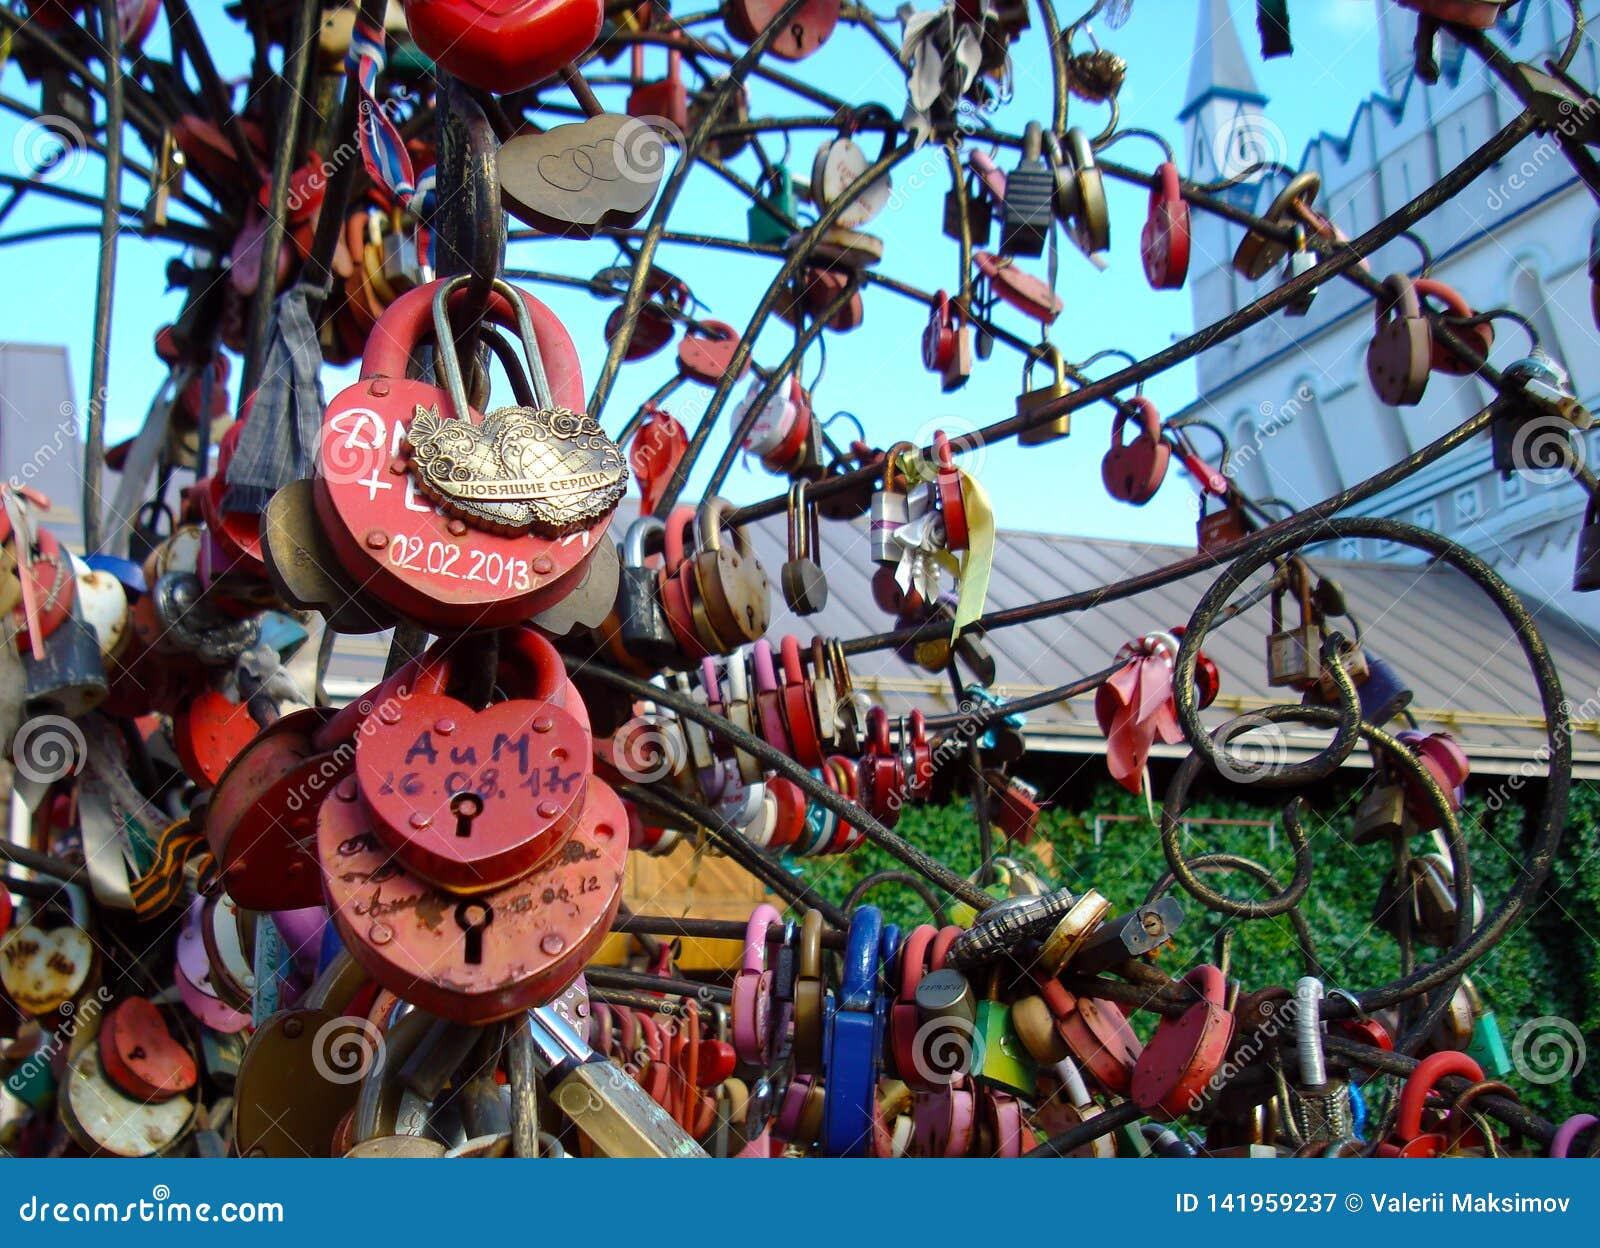 Sloten van liefde en trouw op de huwelijksbomen van geluk